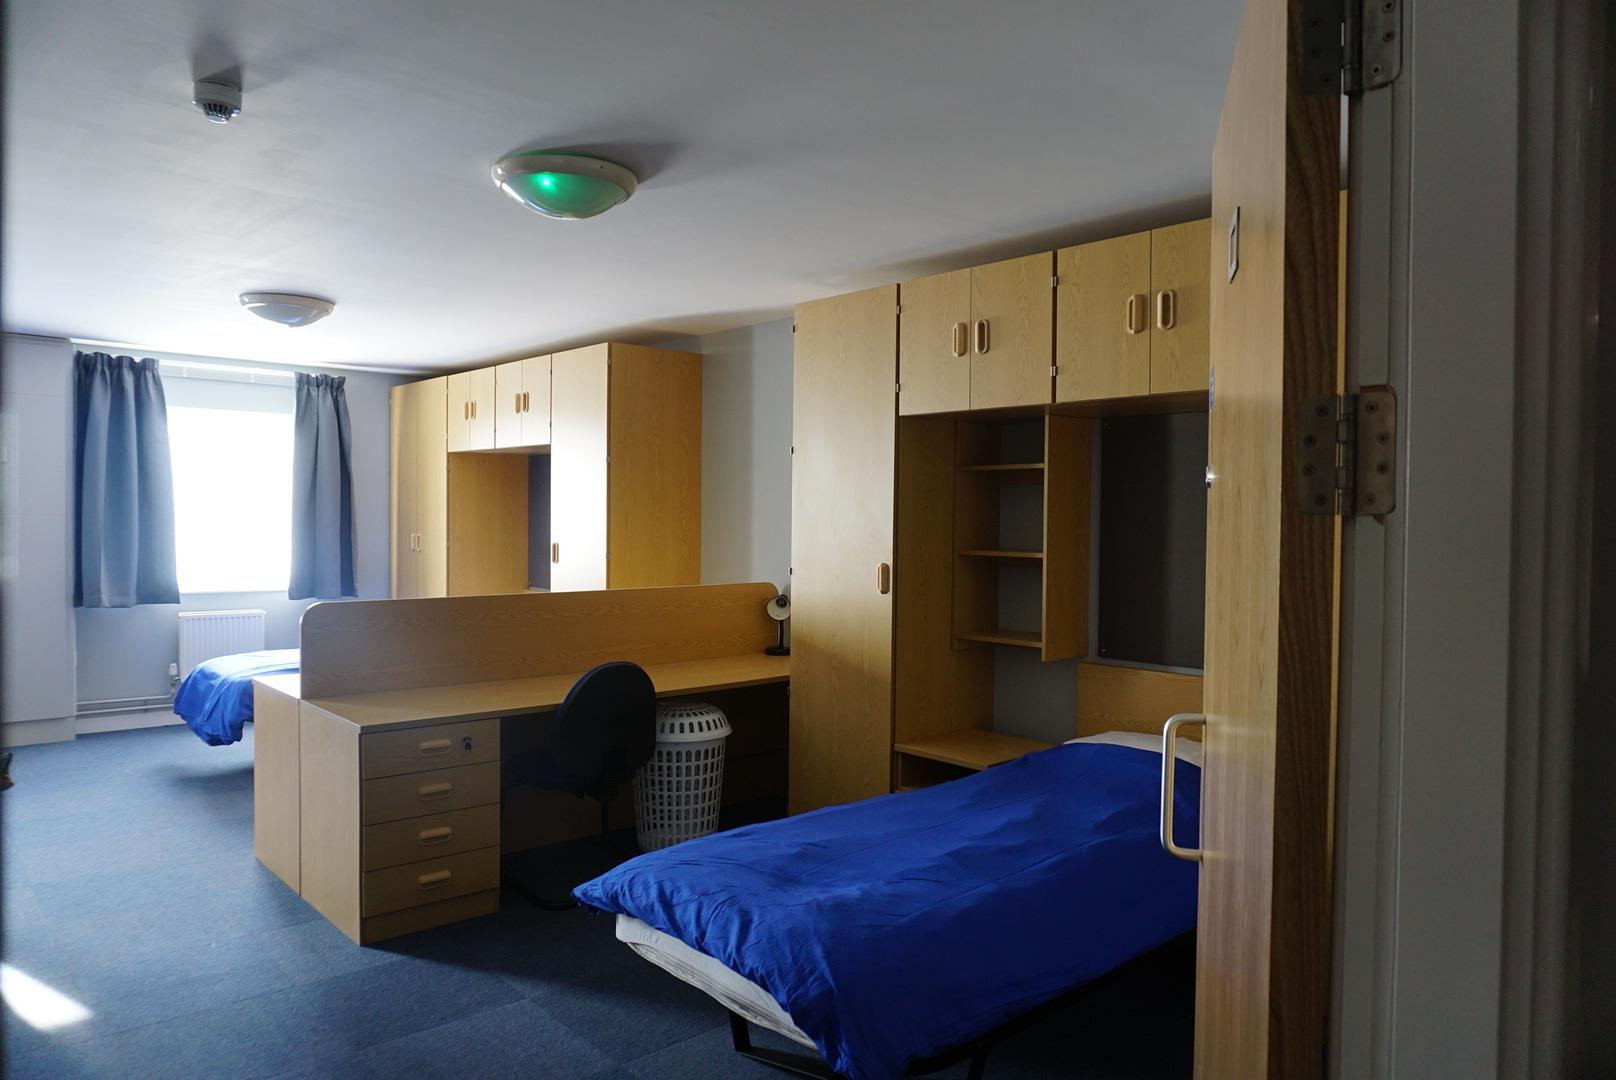 Army Room Decor Ideas